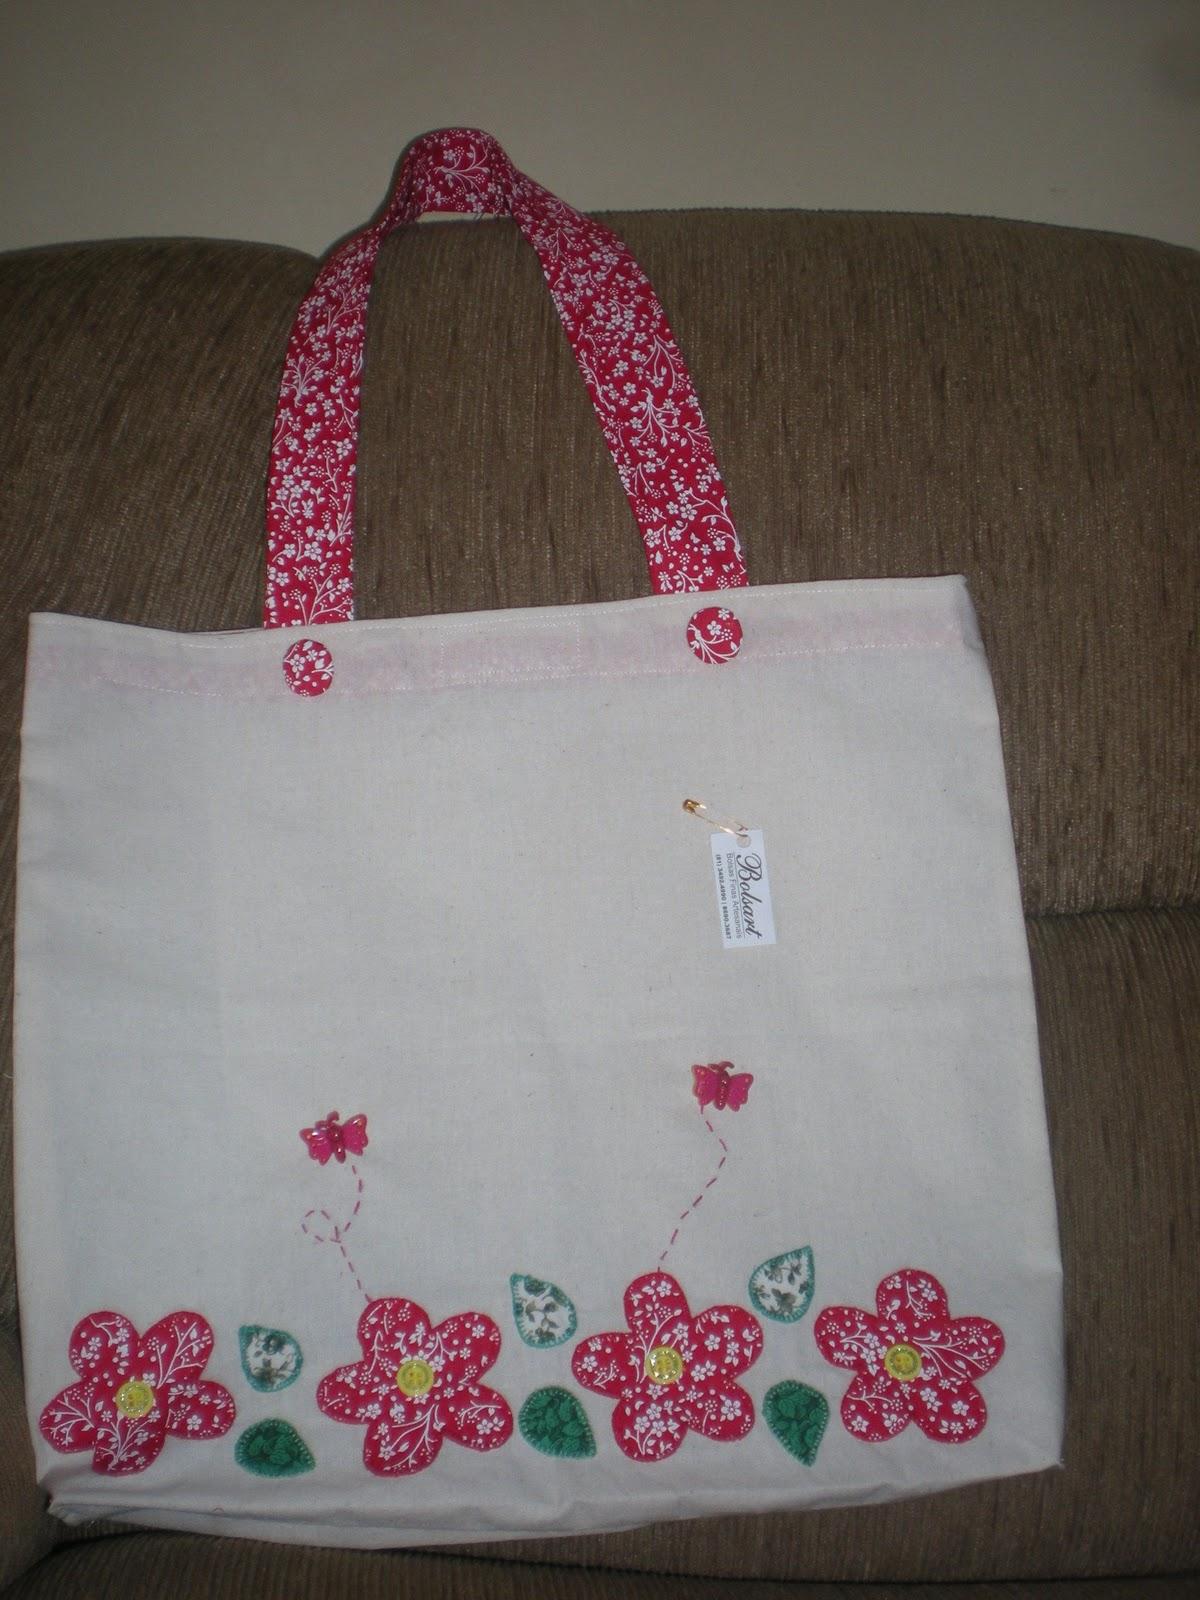 Bolsa De Praia Em Tecido Passo A Passo : Bolsart bolsas finas artesanais em tecido